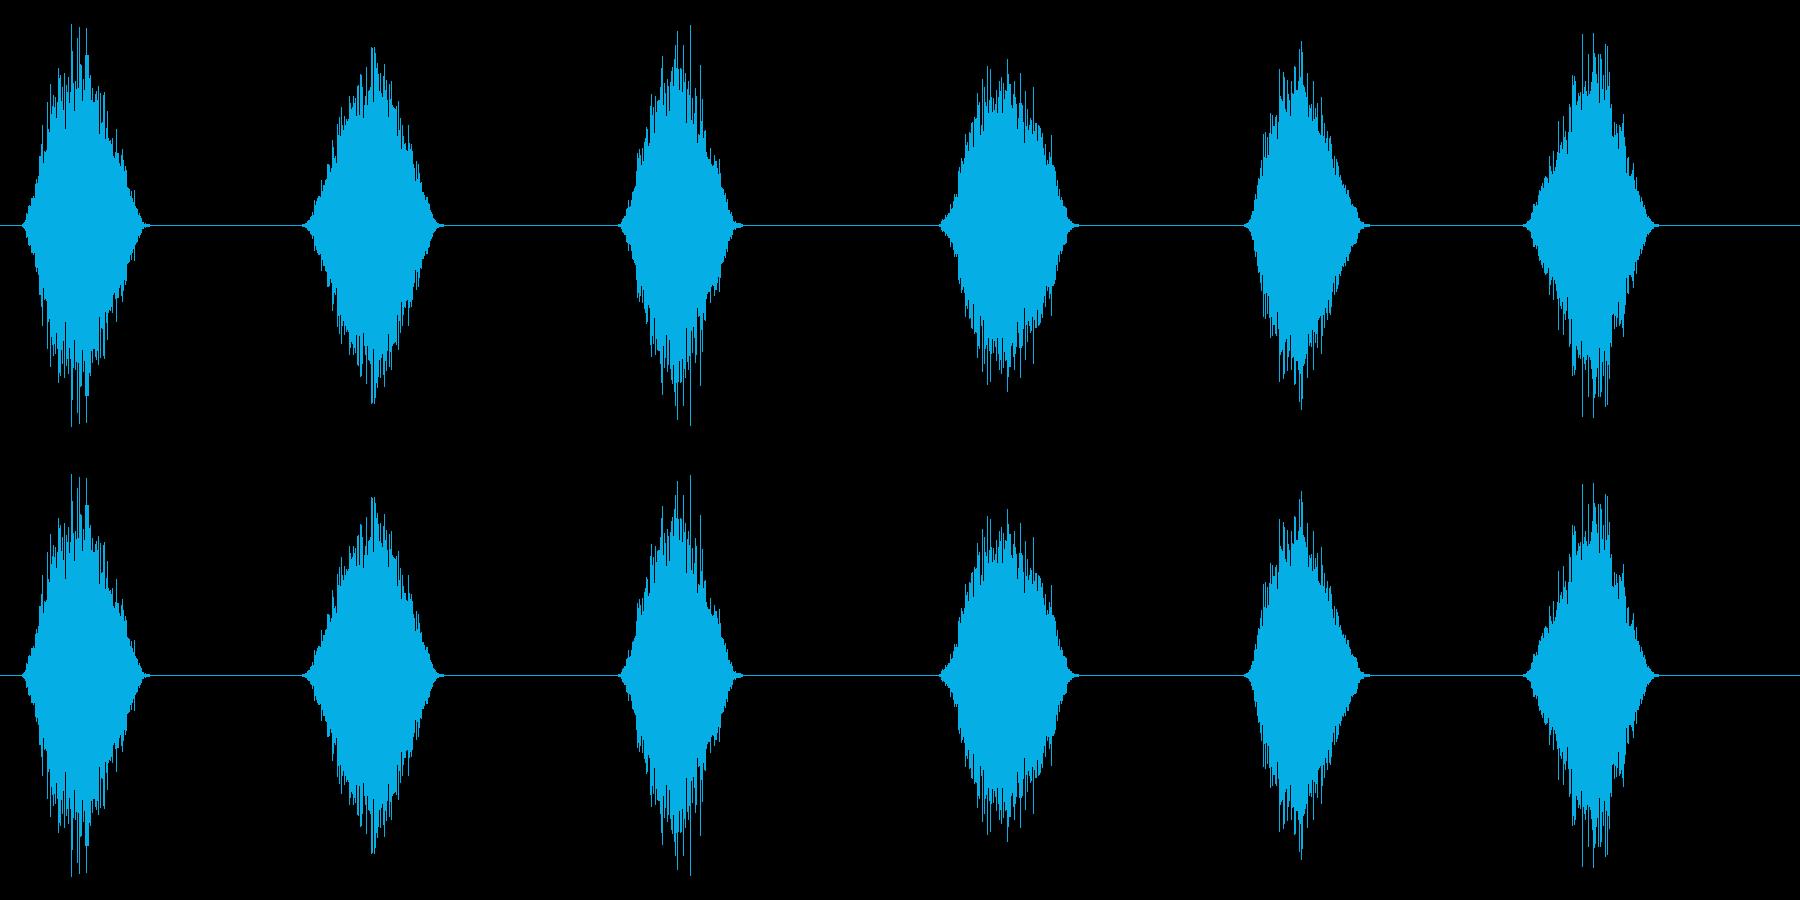 PC マウス ムーブ04-08(ソフト)の再生済みの波形